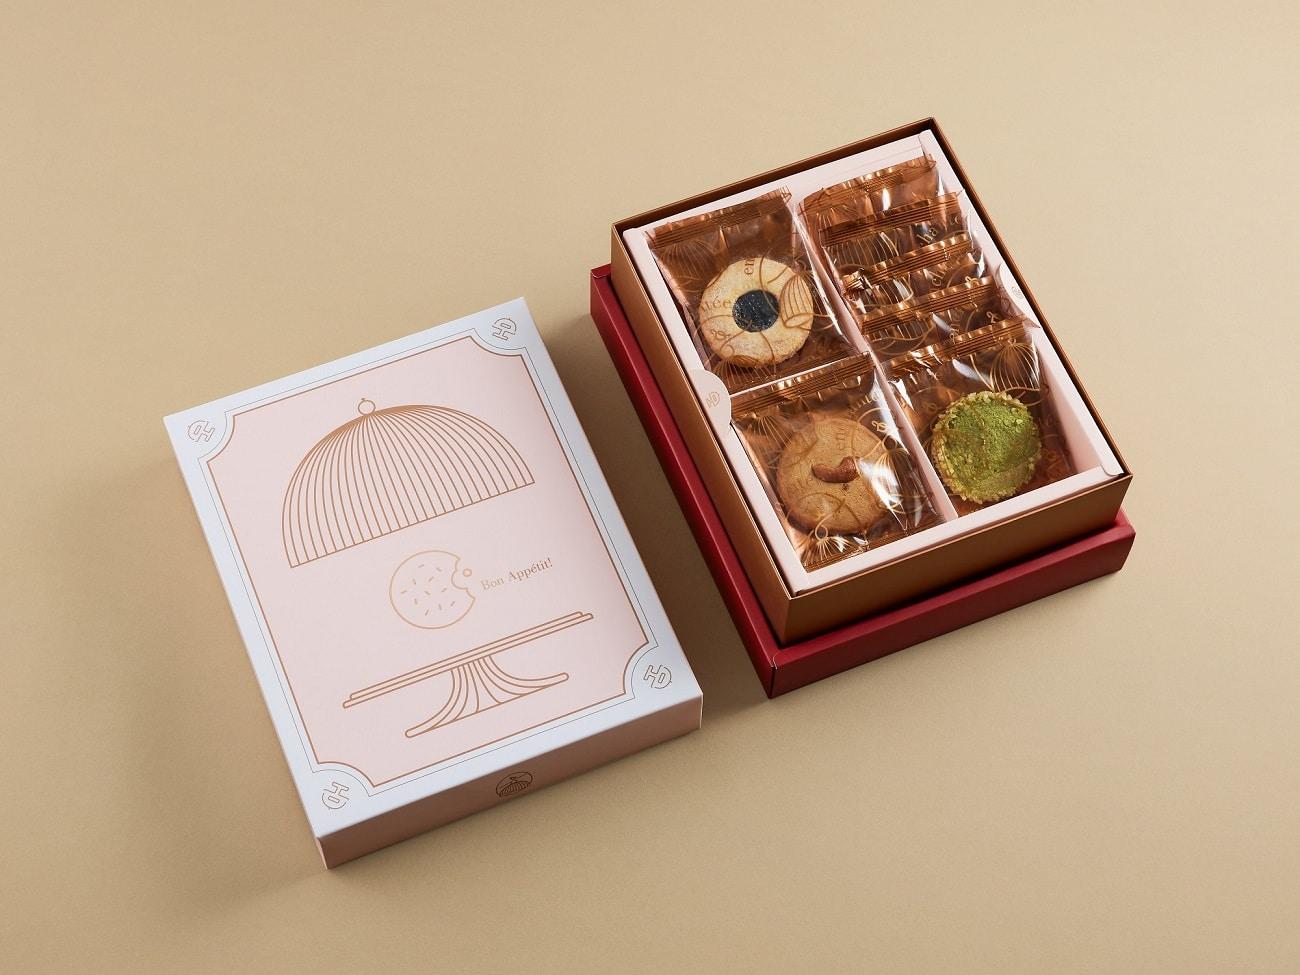 法式餅乾盅(雙層) $908 2